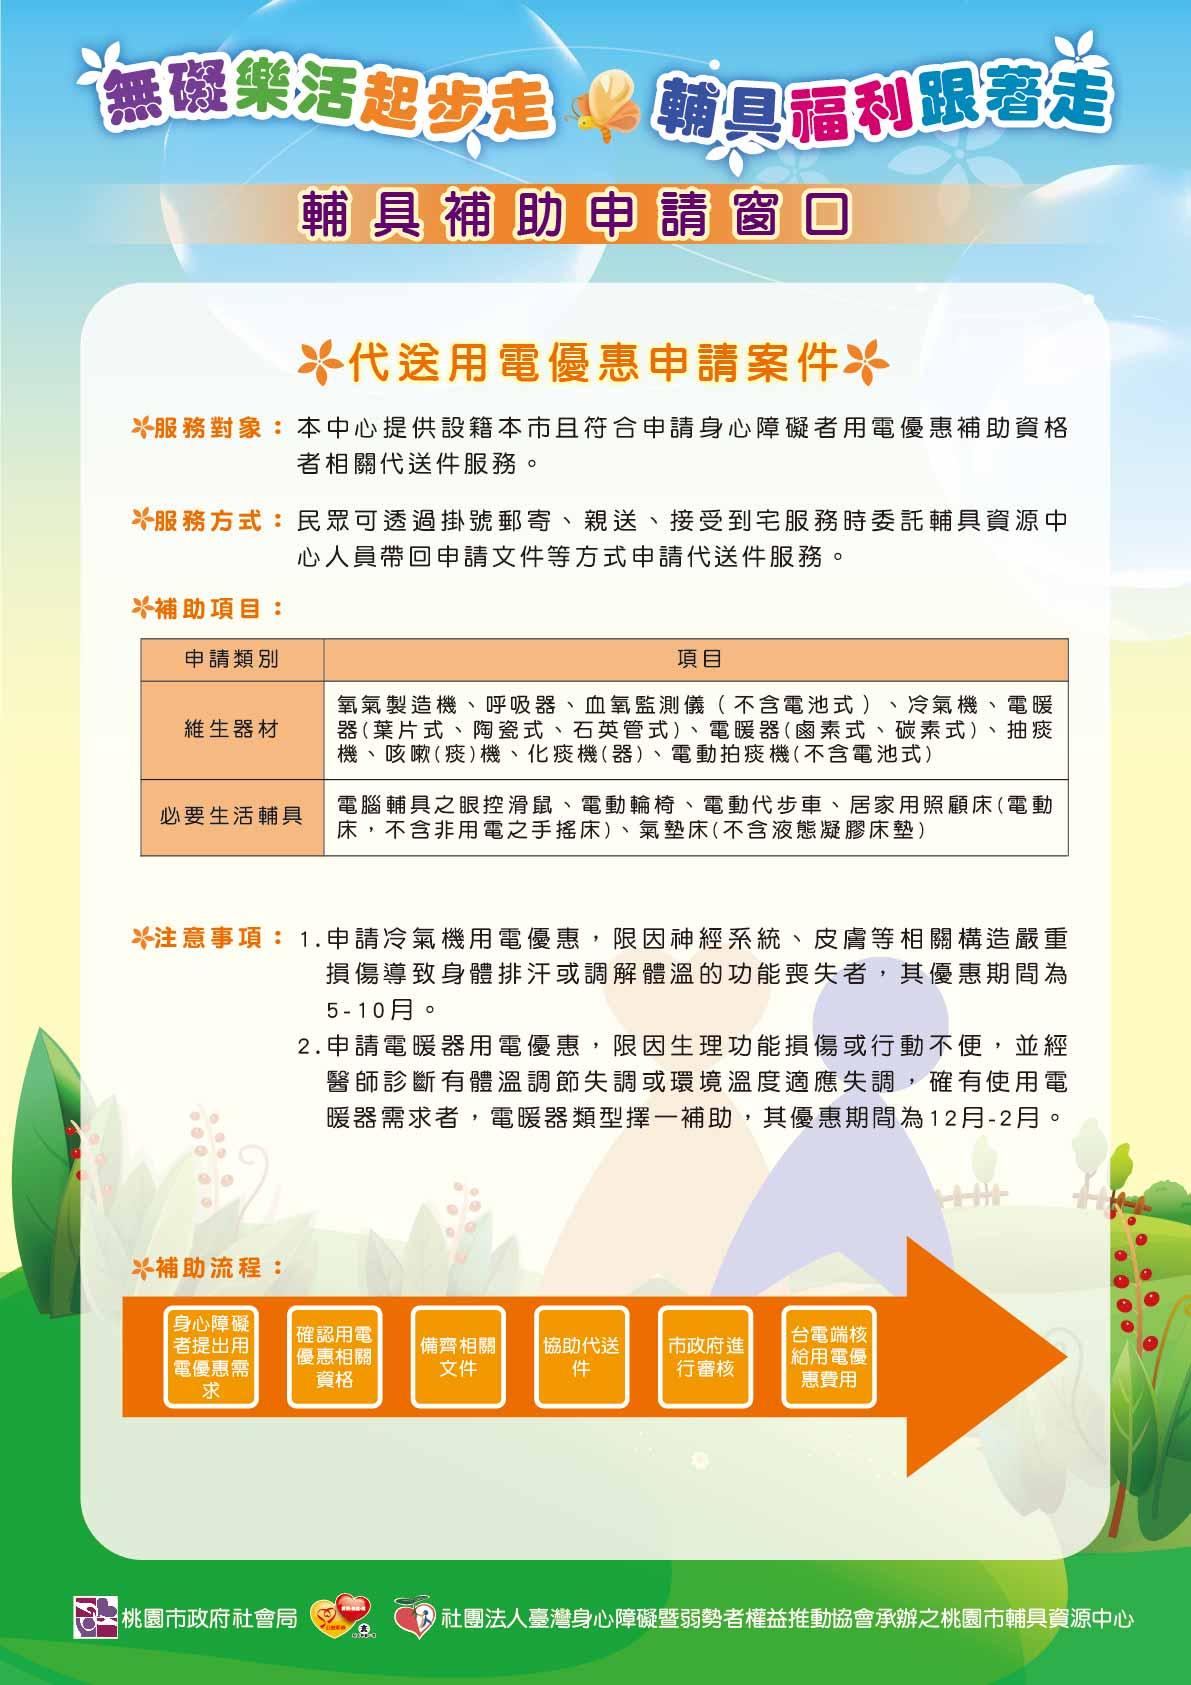 輔具05輔具補助申請窗口-1103-02(OK).jpg